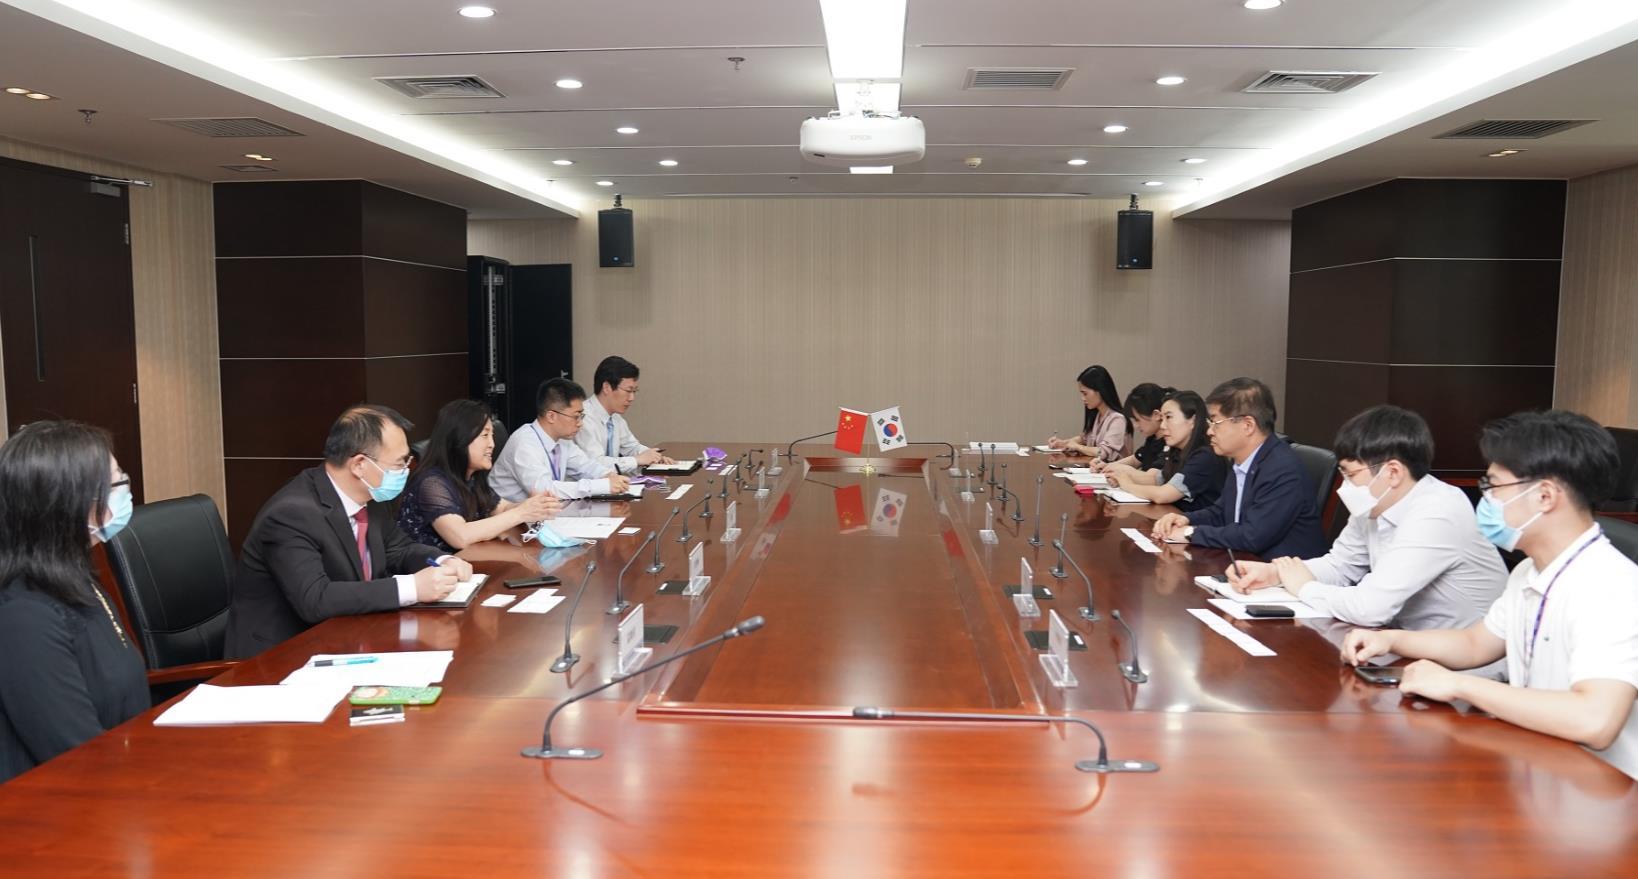 刘春副会长会见大韩贸易投资振兴公社中国地区本部长一行